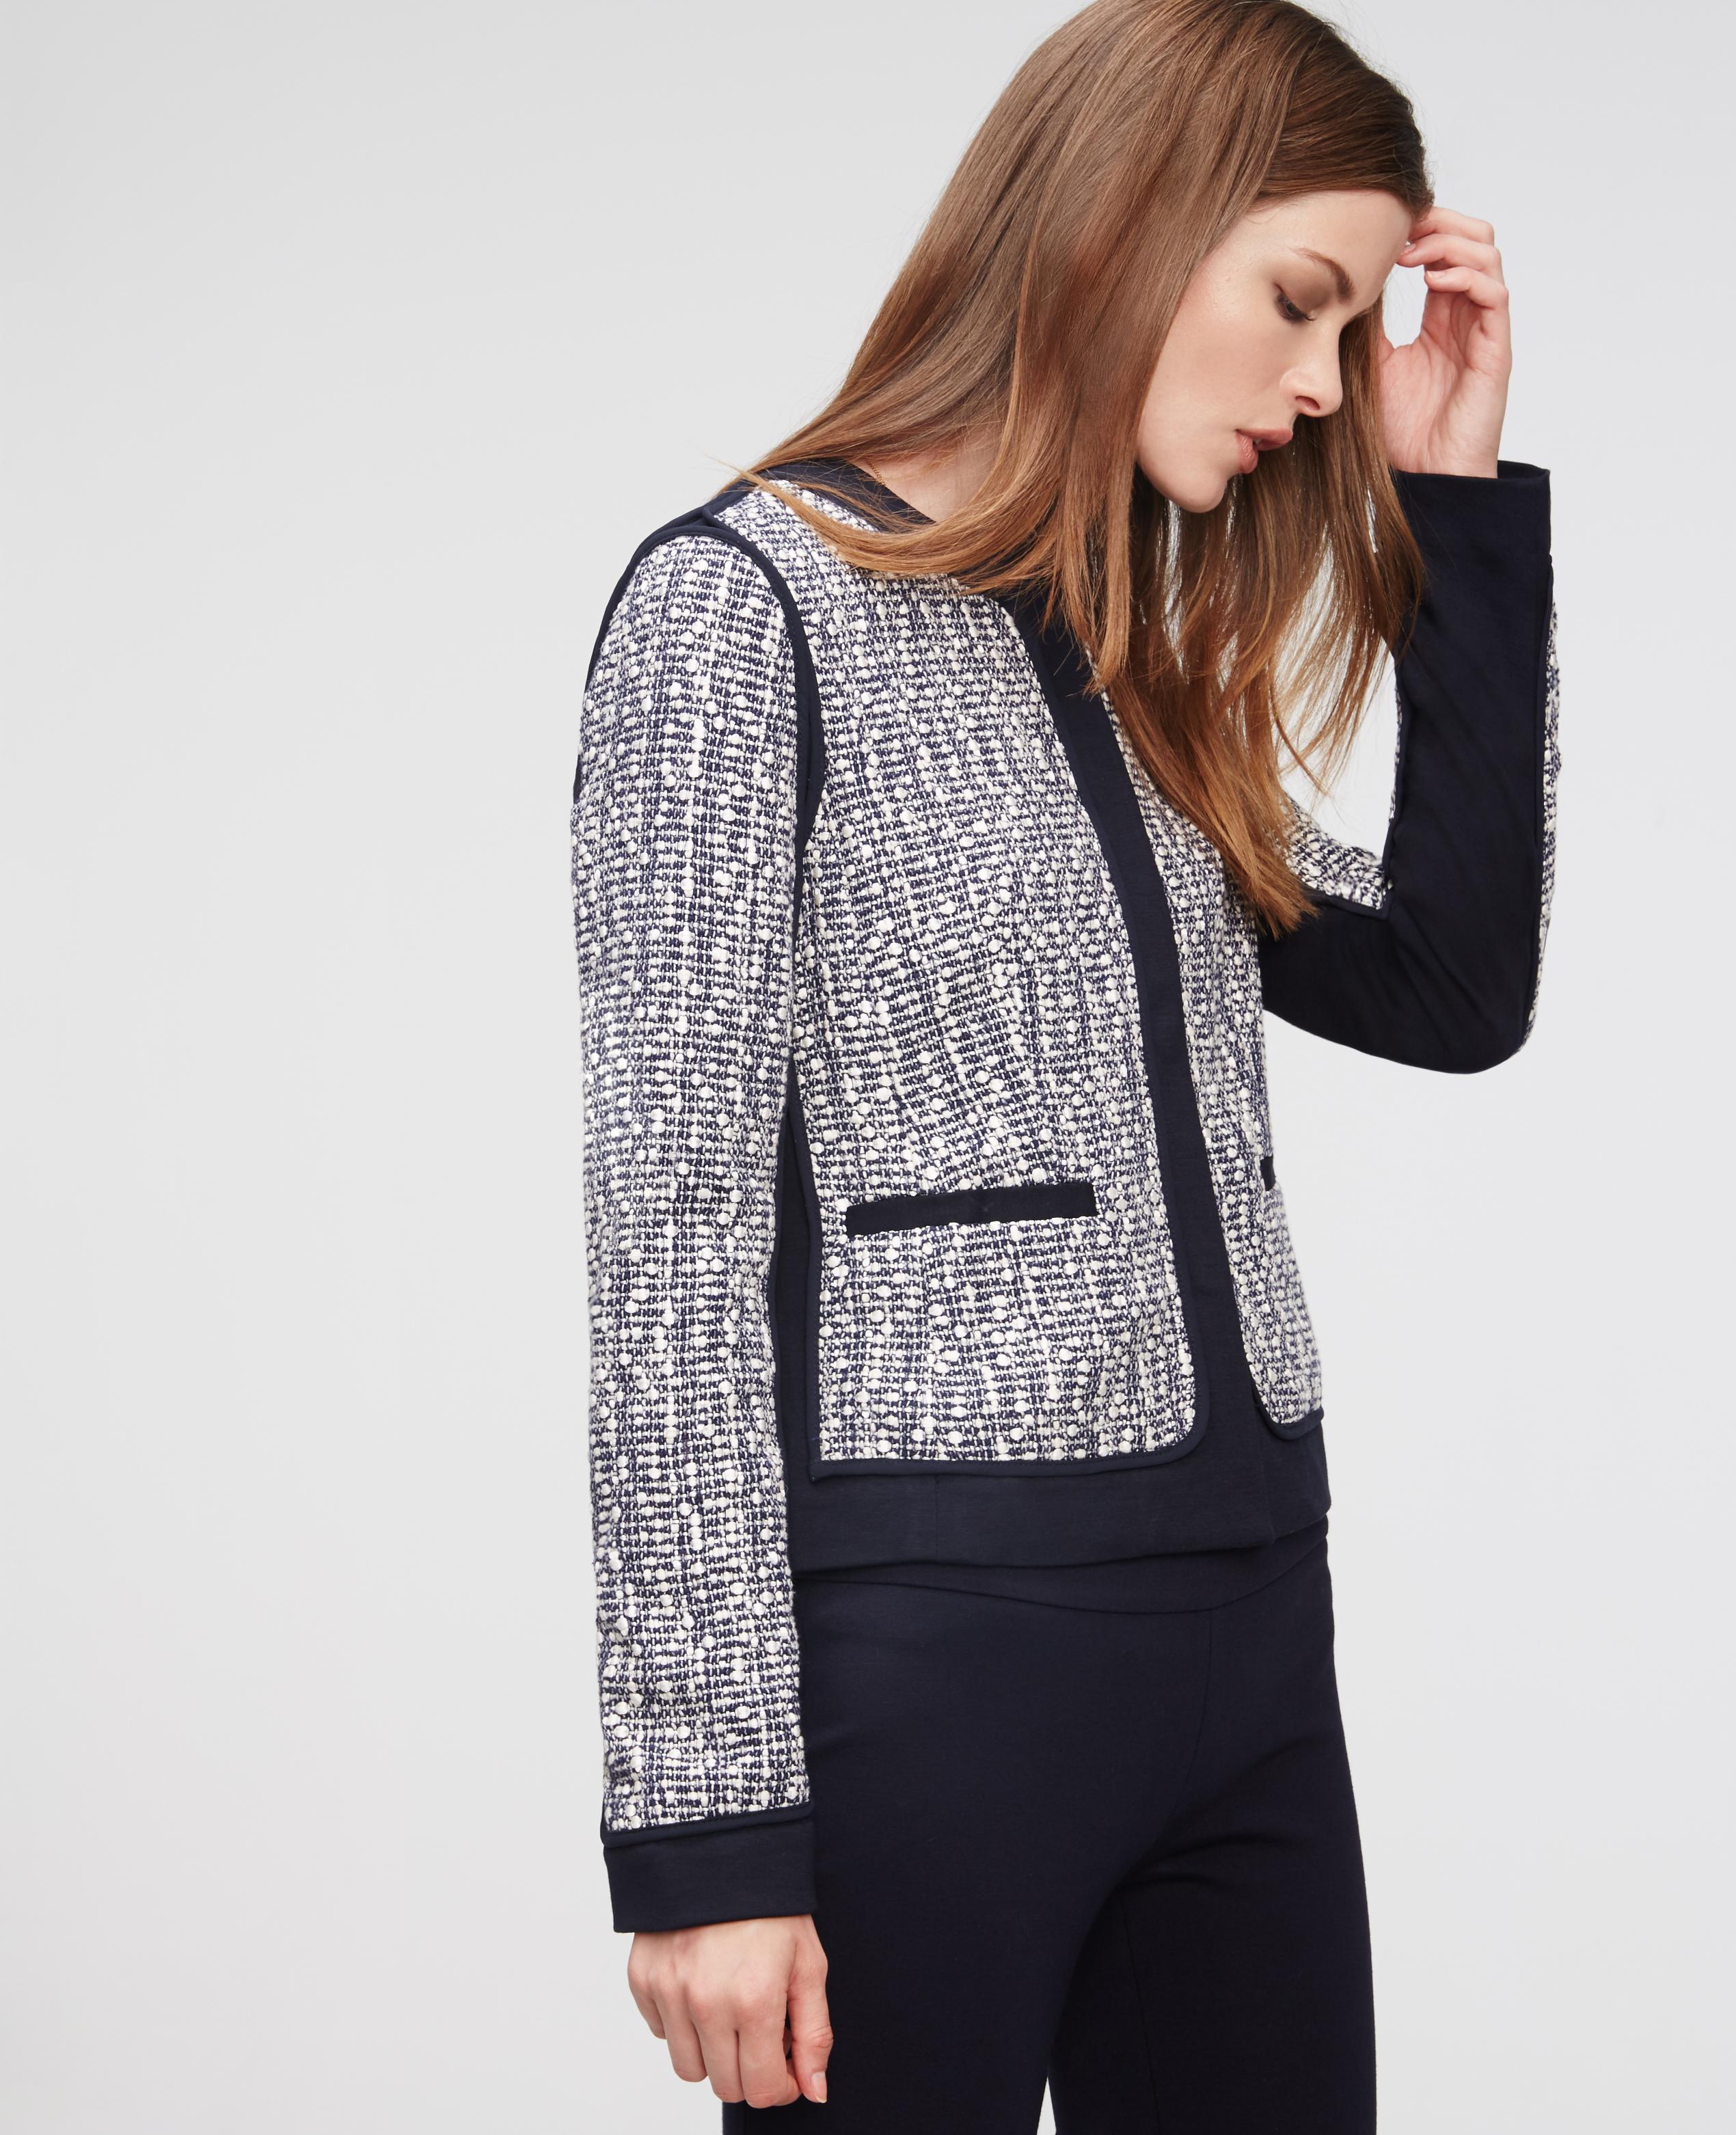 Petite Tweed Coat Fashion Women S Coat 2017